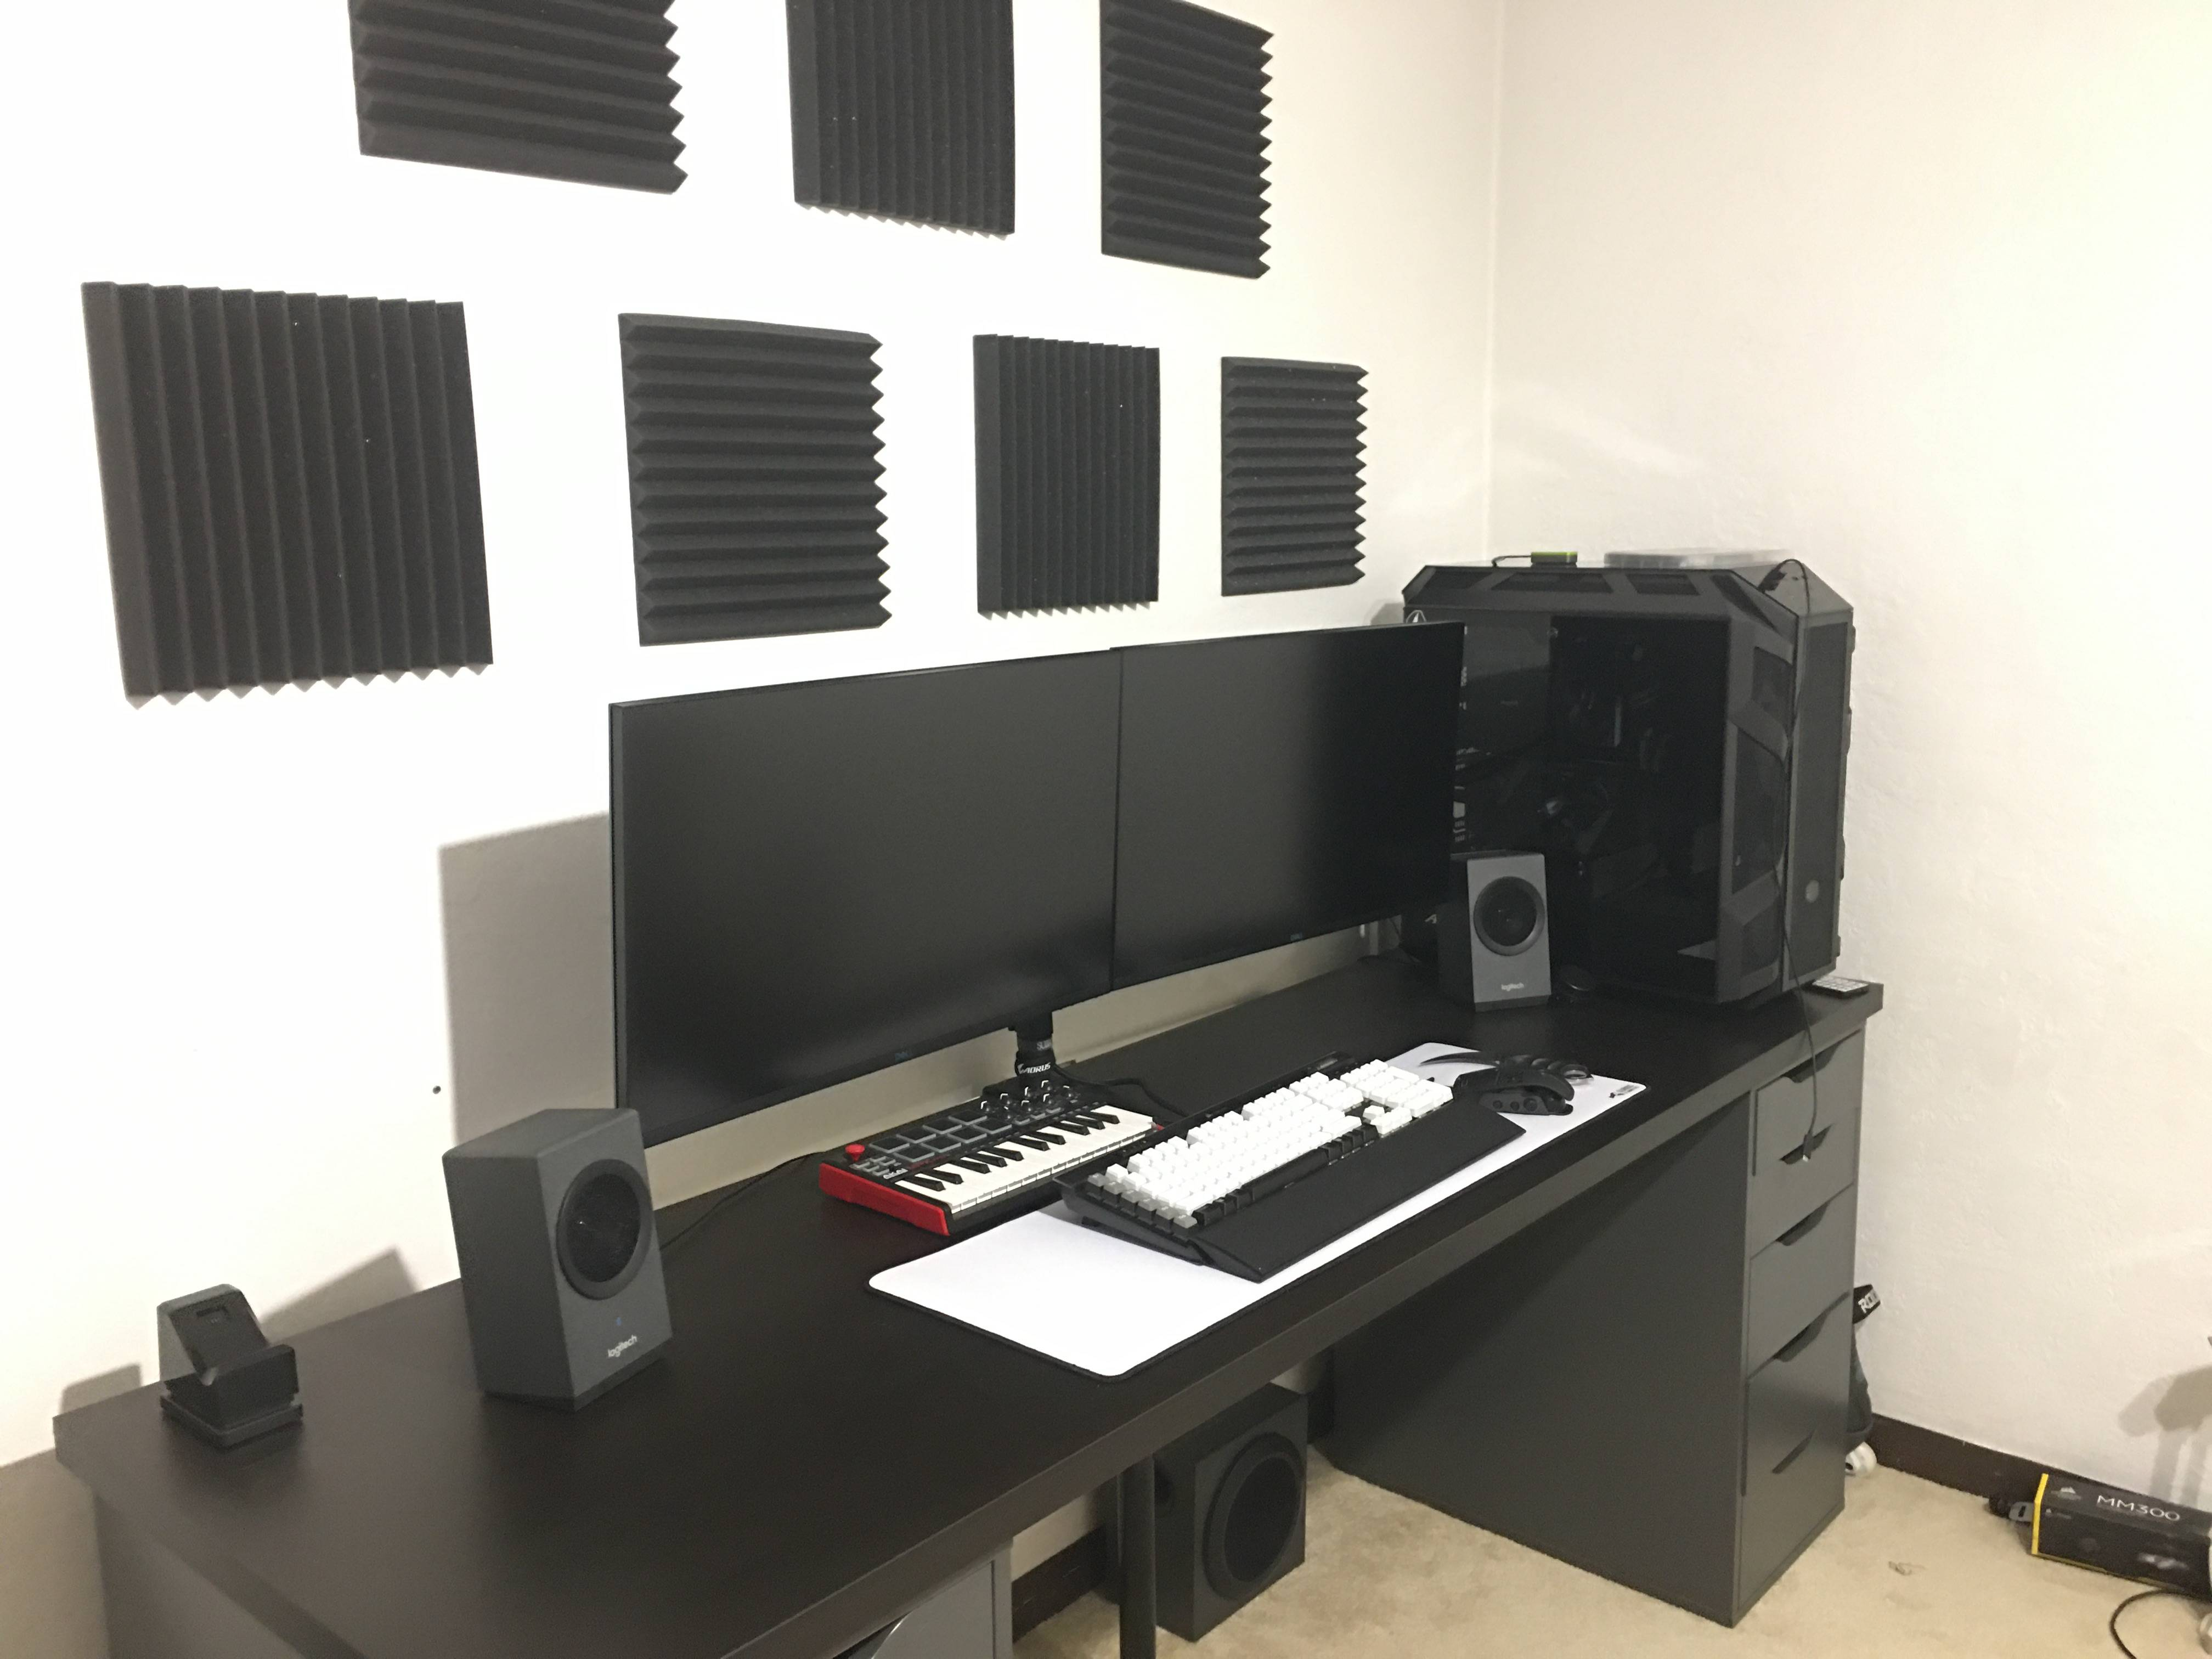 Sprocket's Setup - Clean gaming setup  | Scooget